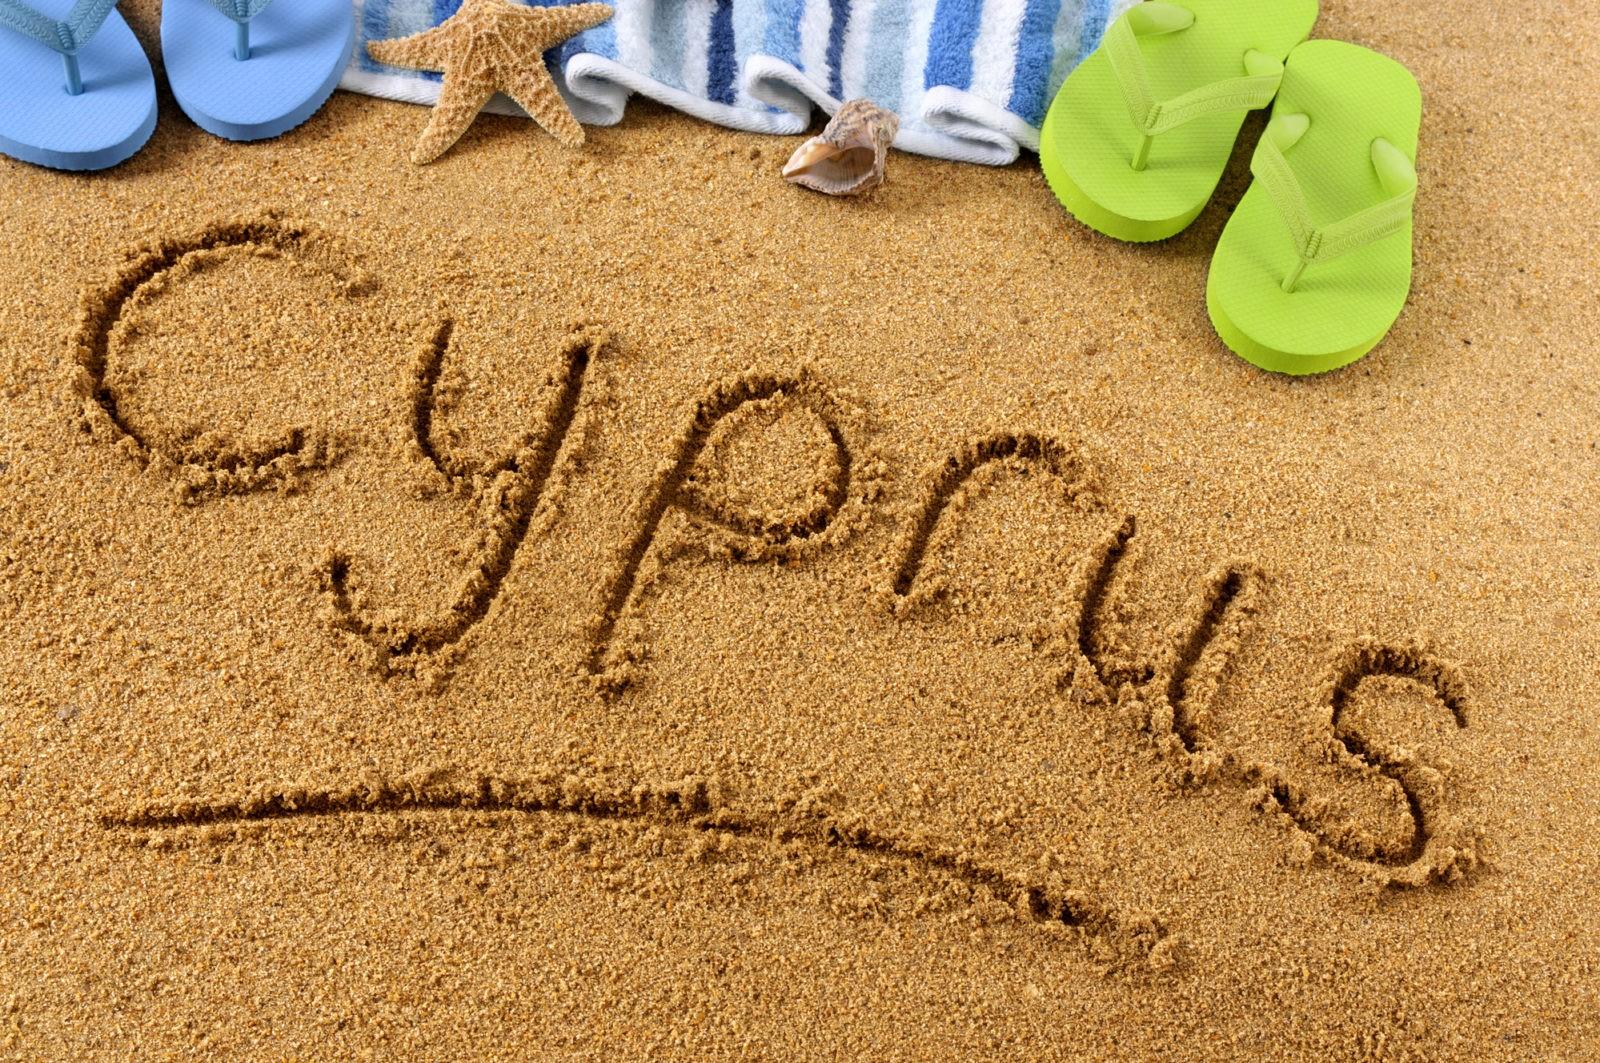 Кипр скоро станет членом шенгенского соглашения: правда или нет?